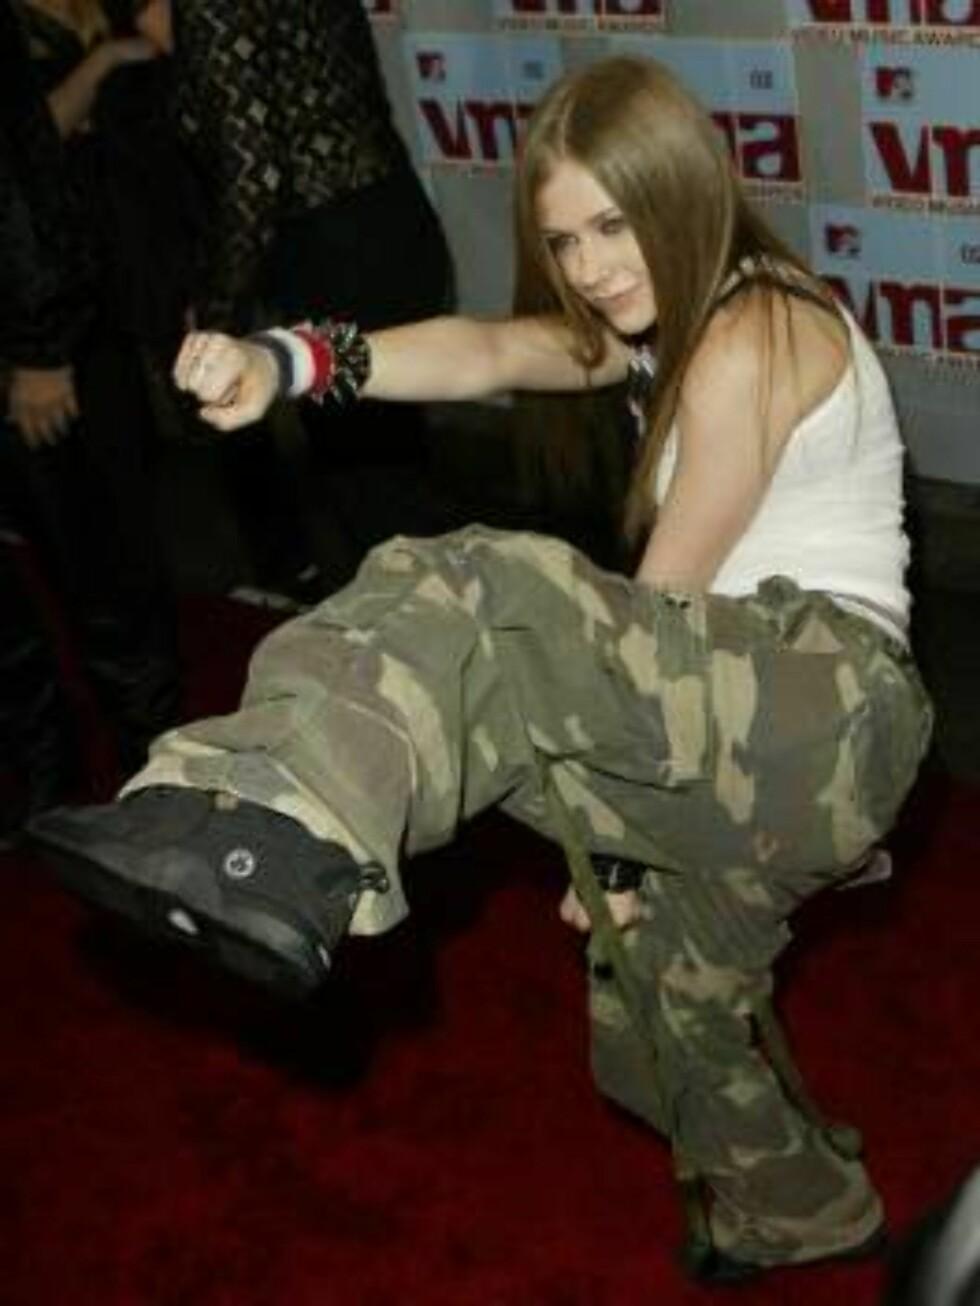 Da Avril Lavigne slo i gjennom i 2002, var det heftig eyeliner, kamuflasjebukser og nagler som tiltalte popstjernen. Foto: All Over Press